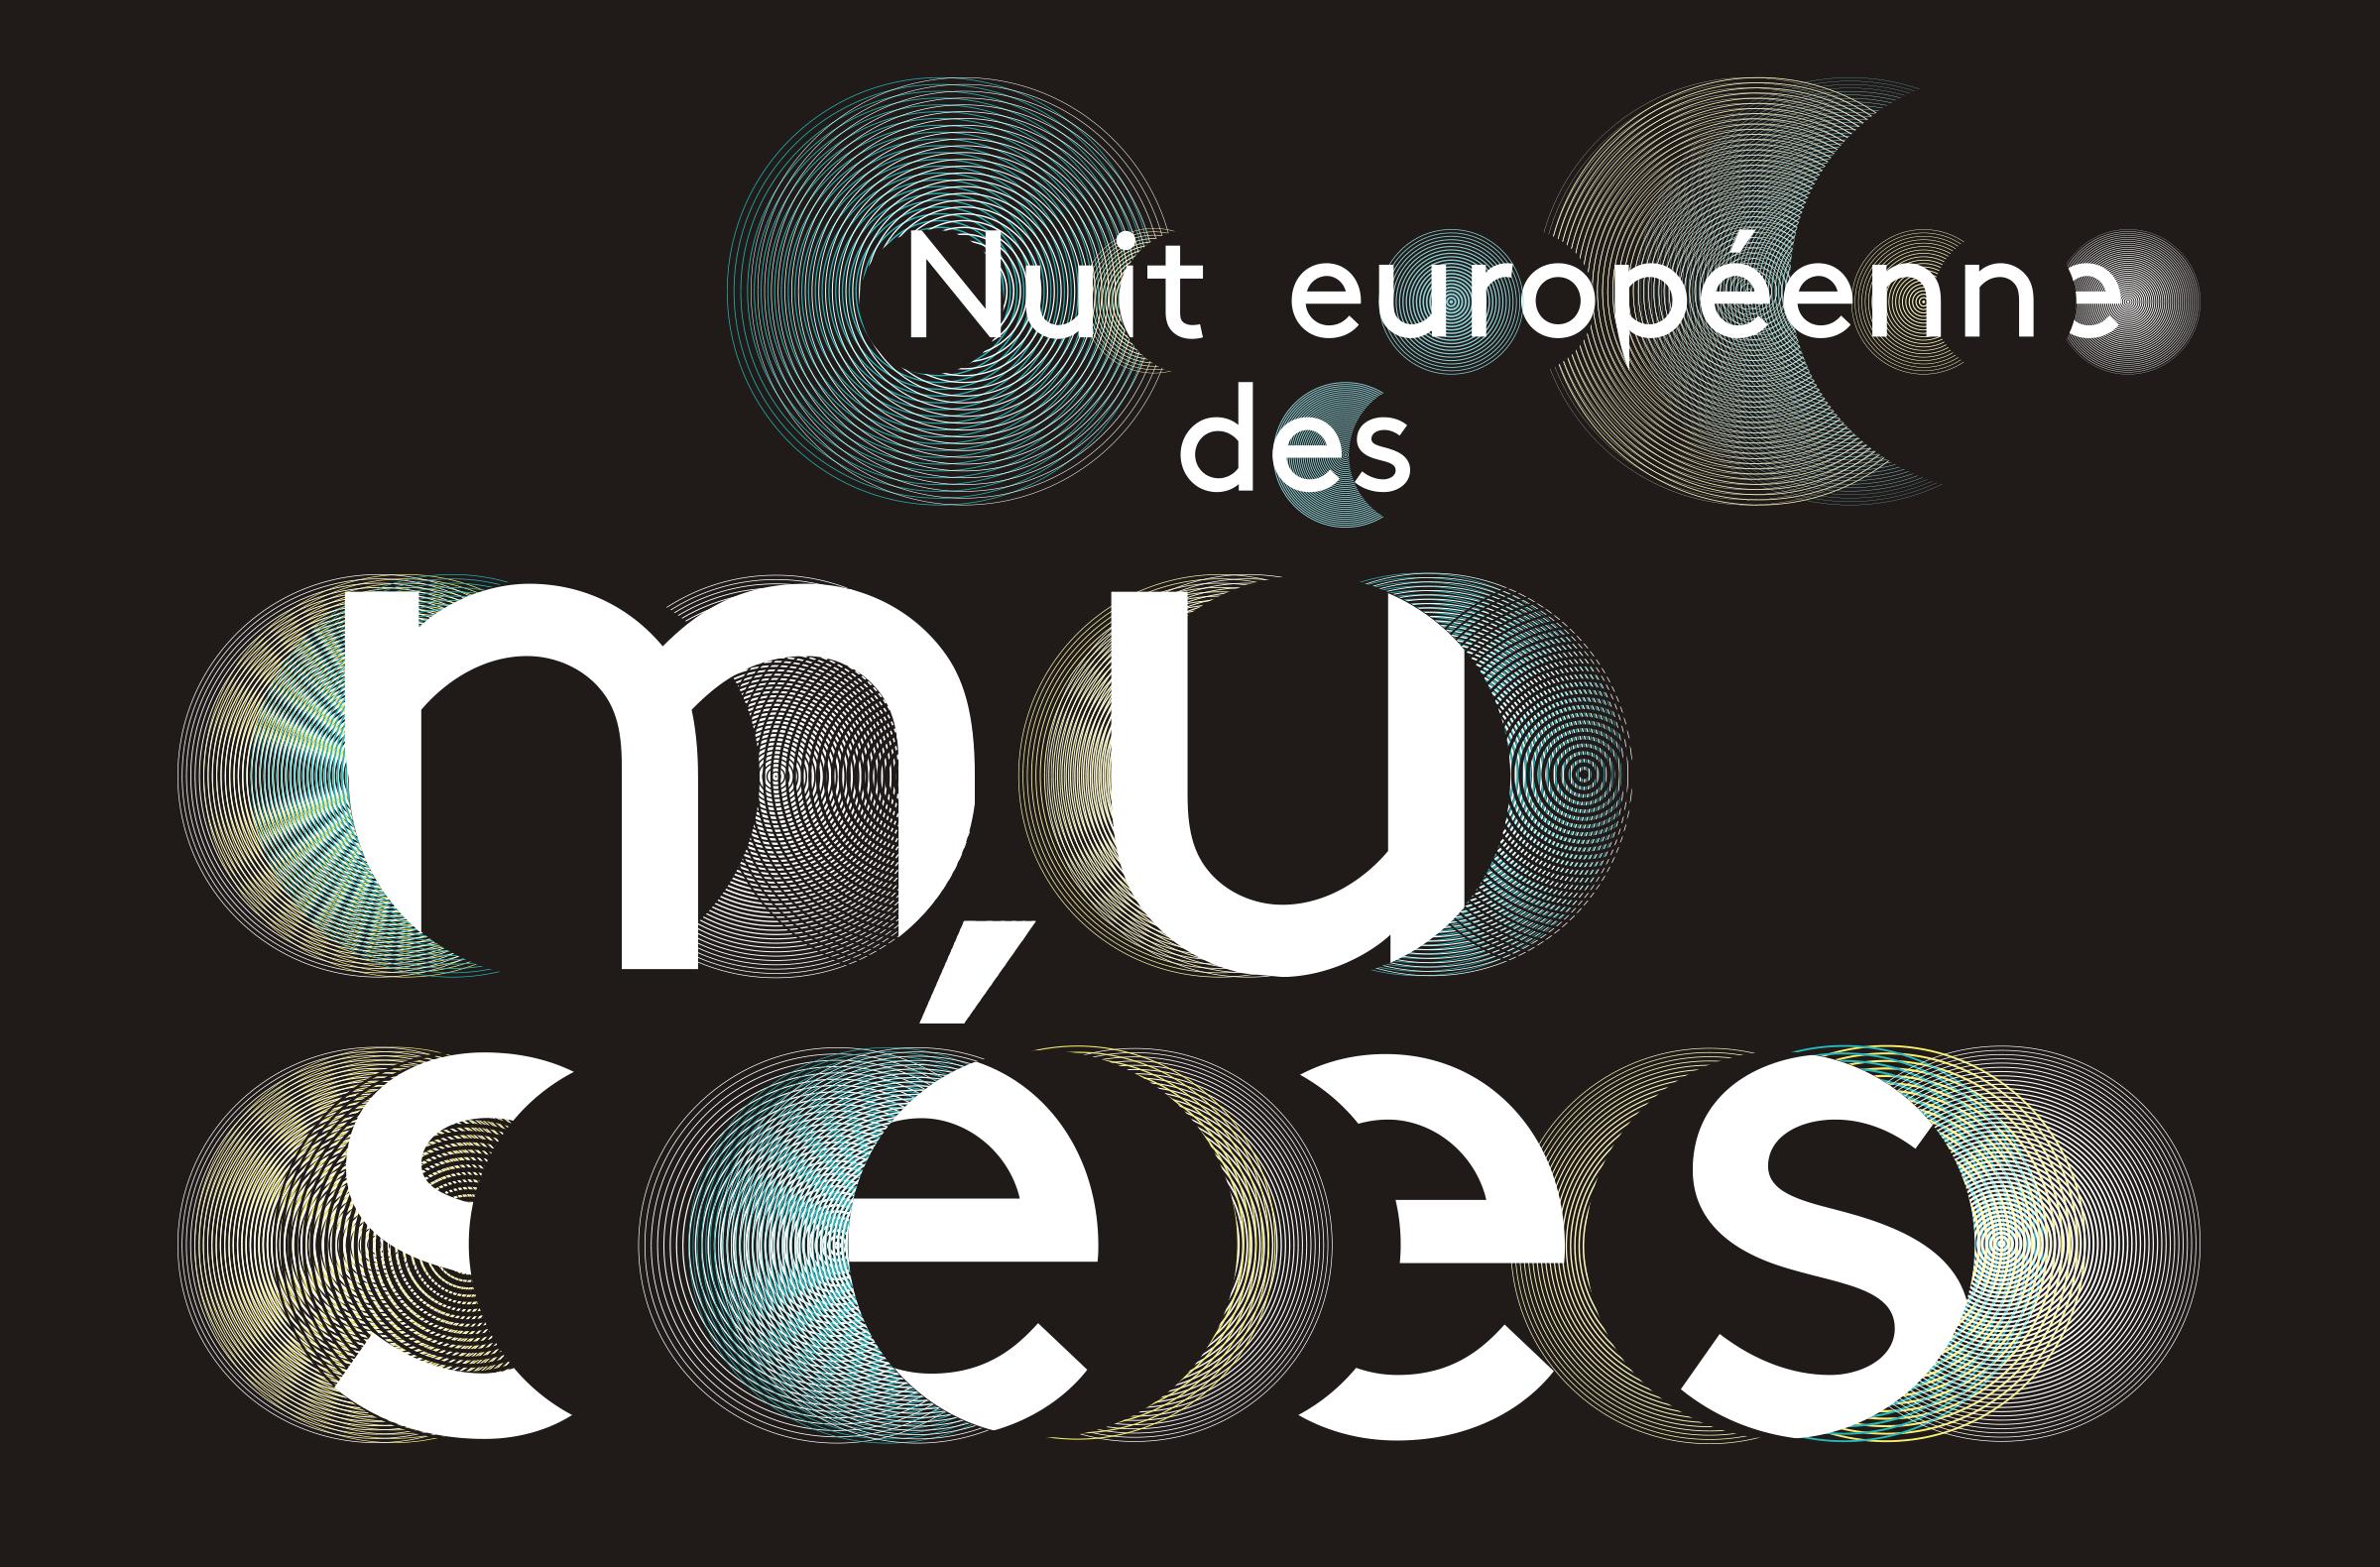 Nuit européennes des Musées - Samedi 17 mai 2014